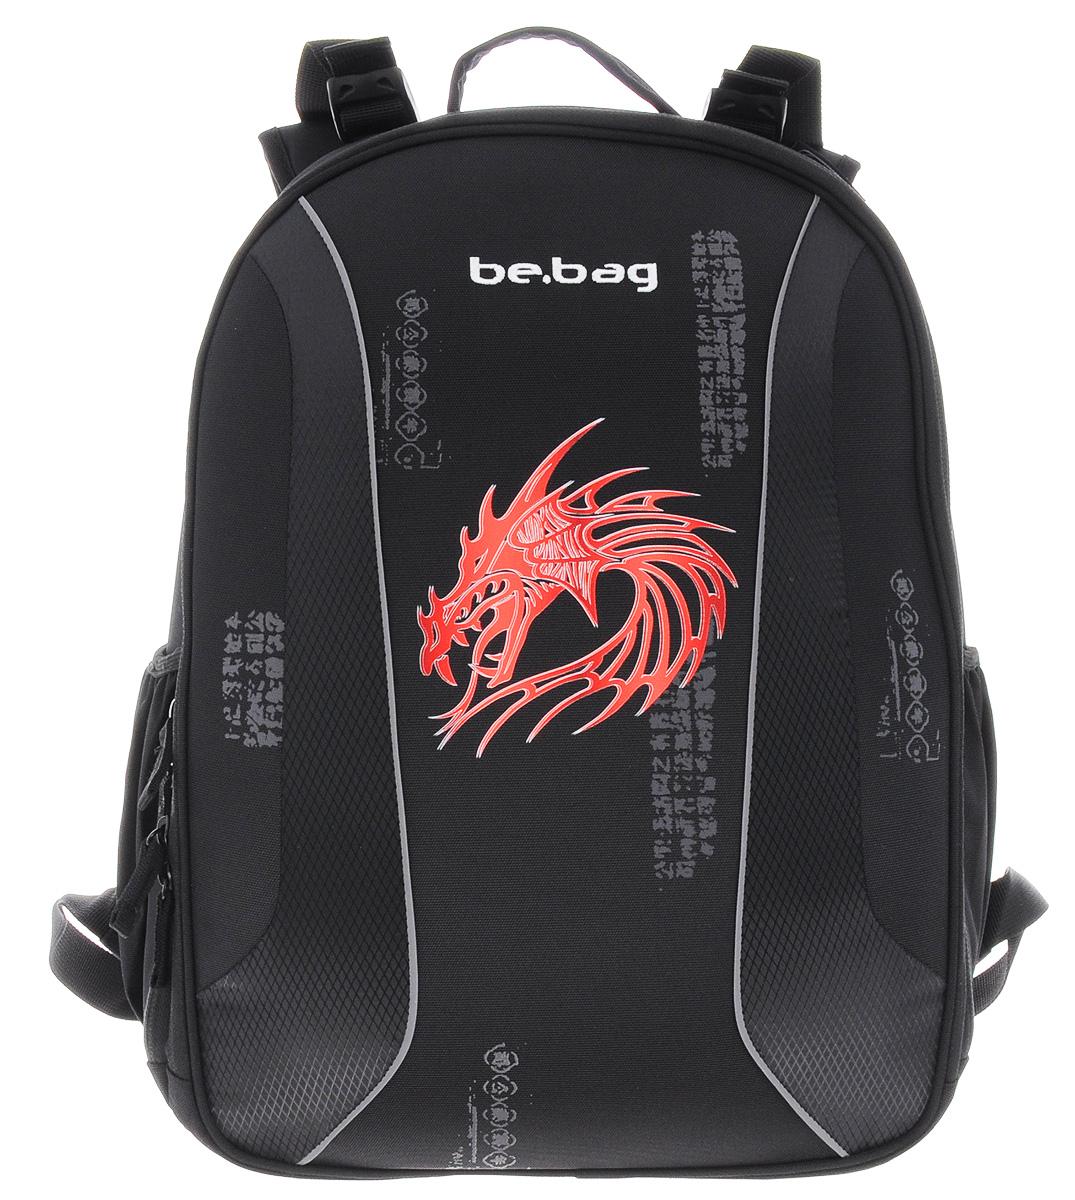 Herlitz Ранец школьный Be Bag Dragon11438066Школьный ранец Herlitz Be.Bag Dragon изготовлен по жестко-каркасной технологии, что обеспечивает правильную эргономичную форму. Каркас не деформируется при нагрузке и распределяет вес по всей площади ранца. Ранец содержит два вместительных отделения, закрывающихся на застежки-молнии с двумя бегунками. В большом отделении находится мягкая перегородка для тетрадей или учебников, фиксирующаяся хлястиком на липучке. Во втором отделении расположены: карман-сетка, органайзер для канцелярских принадлежностей, кармашек под мобильный телефон и пластиковый карабин для ключей. Изделие имеет два открытых боковых кармана на резинке. Ранец оснащен регулируемыми по длине и высоте плечевыми лямками и дополнен текстильной ручкой для переноски в руке. Грудное крепление для лучшей фиксации лямок на плечах ребенка. Прочное дно с пластиковыми ножками придает ранцу хорошую устойчивость и защиту от загрязнений. Светоотражающие элементы обеспечивают безопасность в темное...